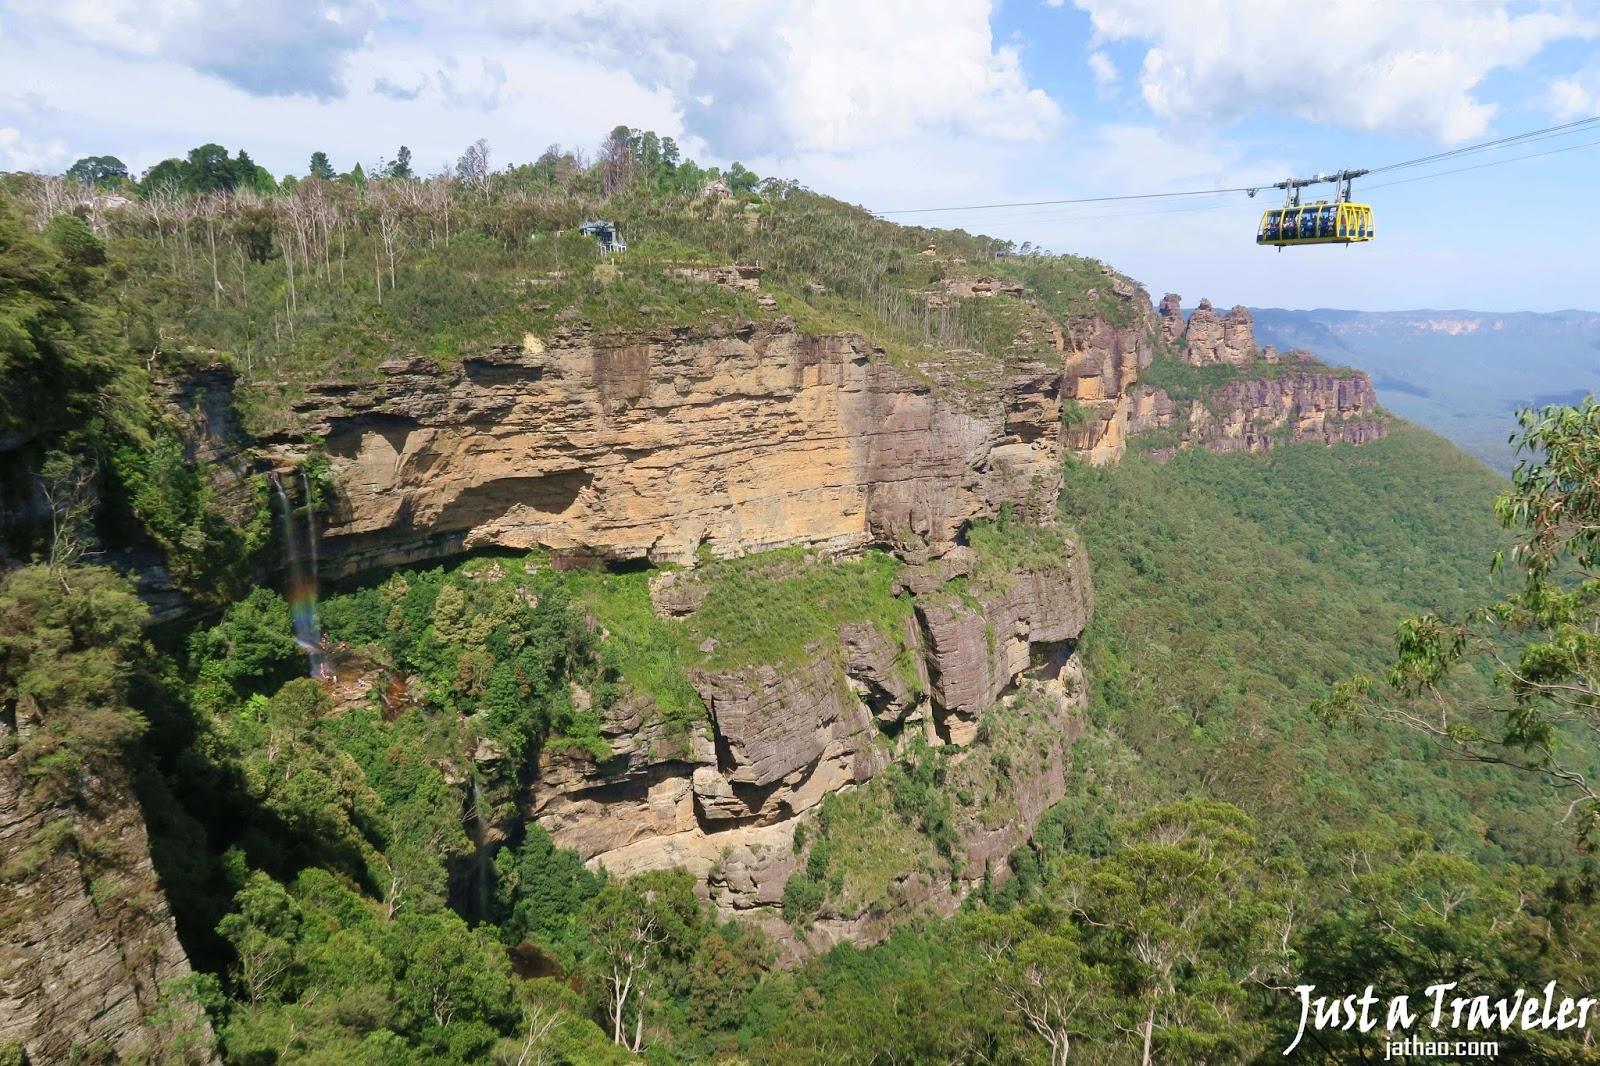 雪梨-雪梨景點-郊區-推薦-雪梨必玩景點-雪梨必遊景點-藍山國家公園-景觀世界-旅遊-自由行-澳洲-Sydney-Tourist-Attraction-Blue-Mountain-National-Park-Scenic-World-Travel-Australia